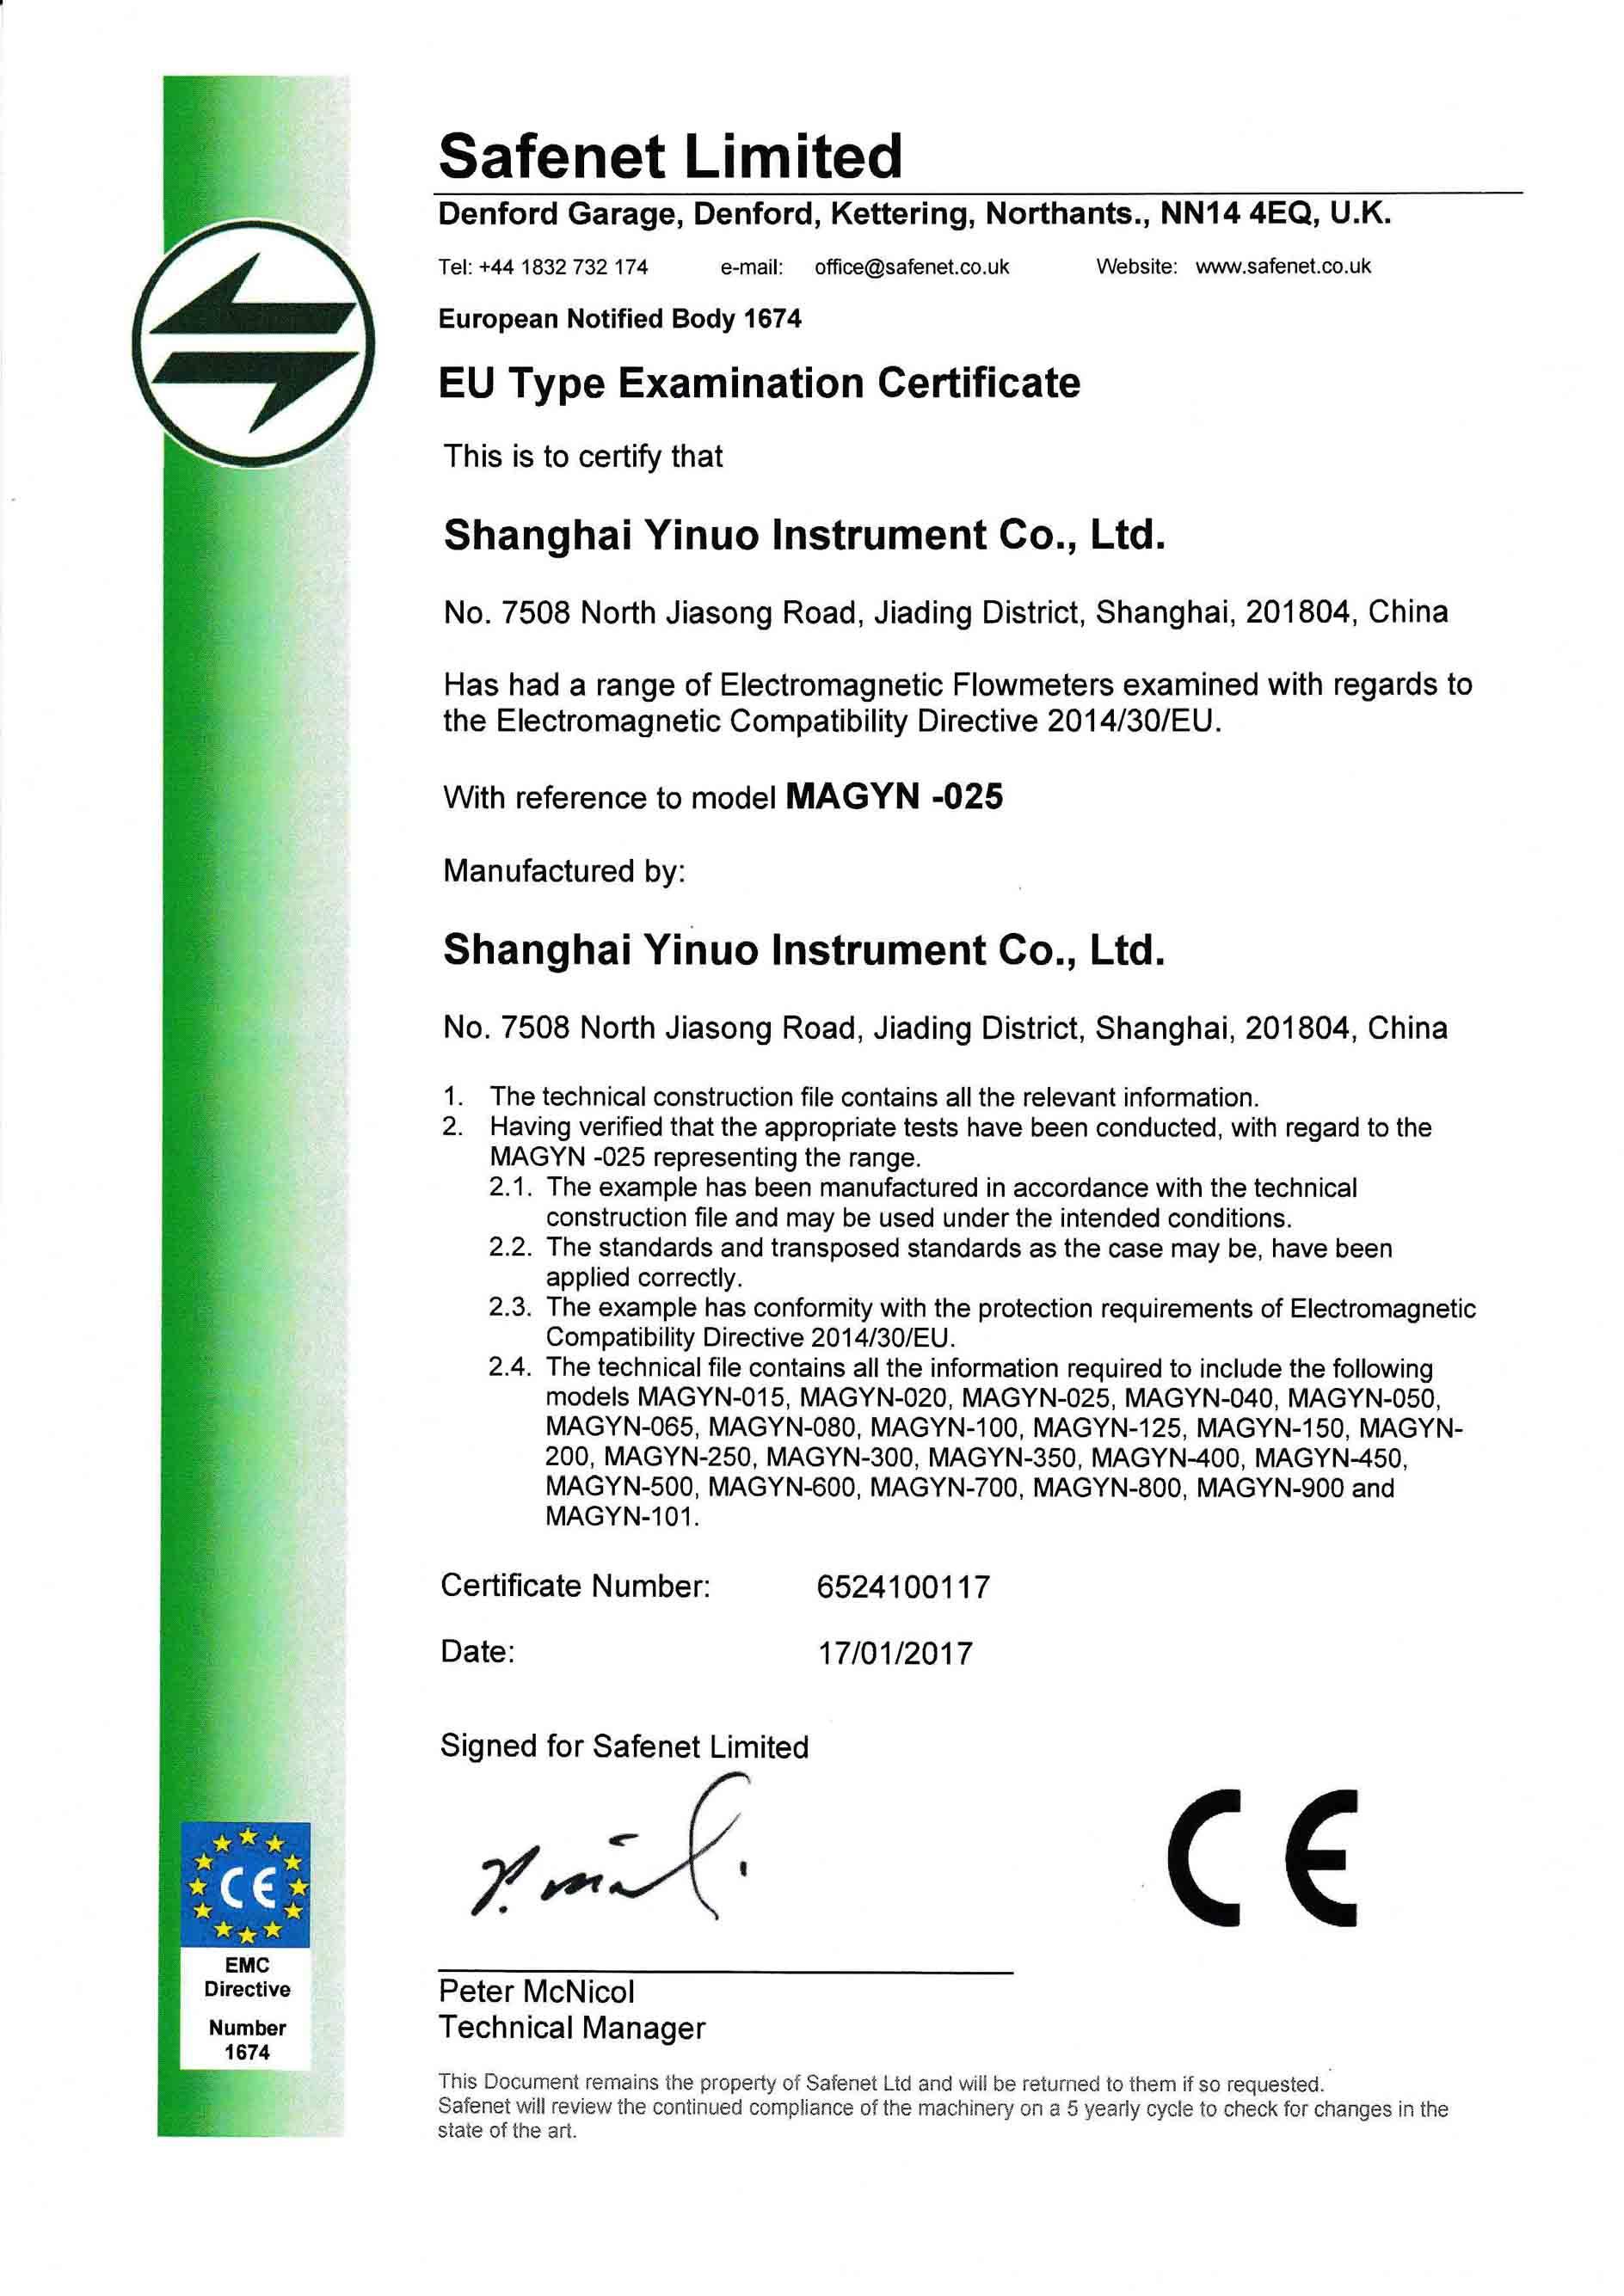 MAGYN EMC Certificate